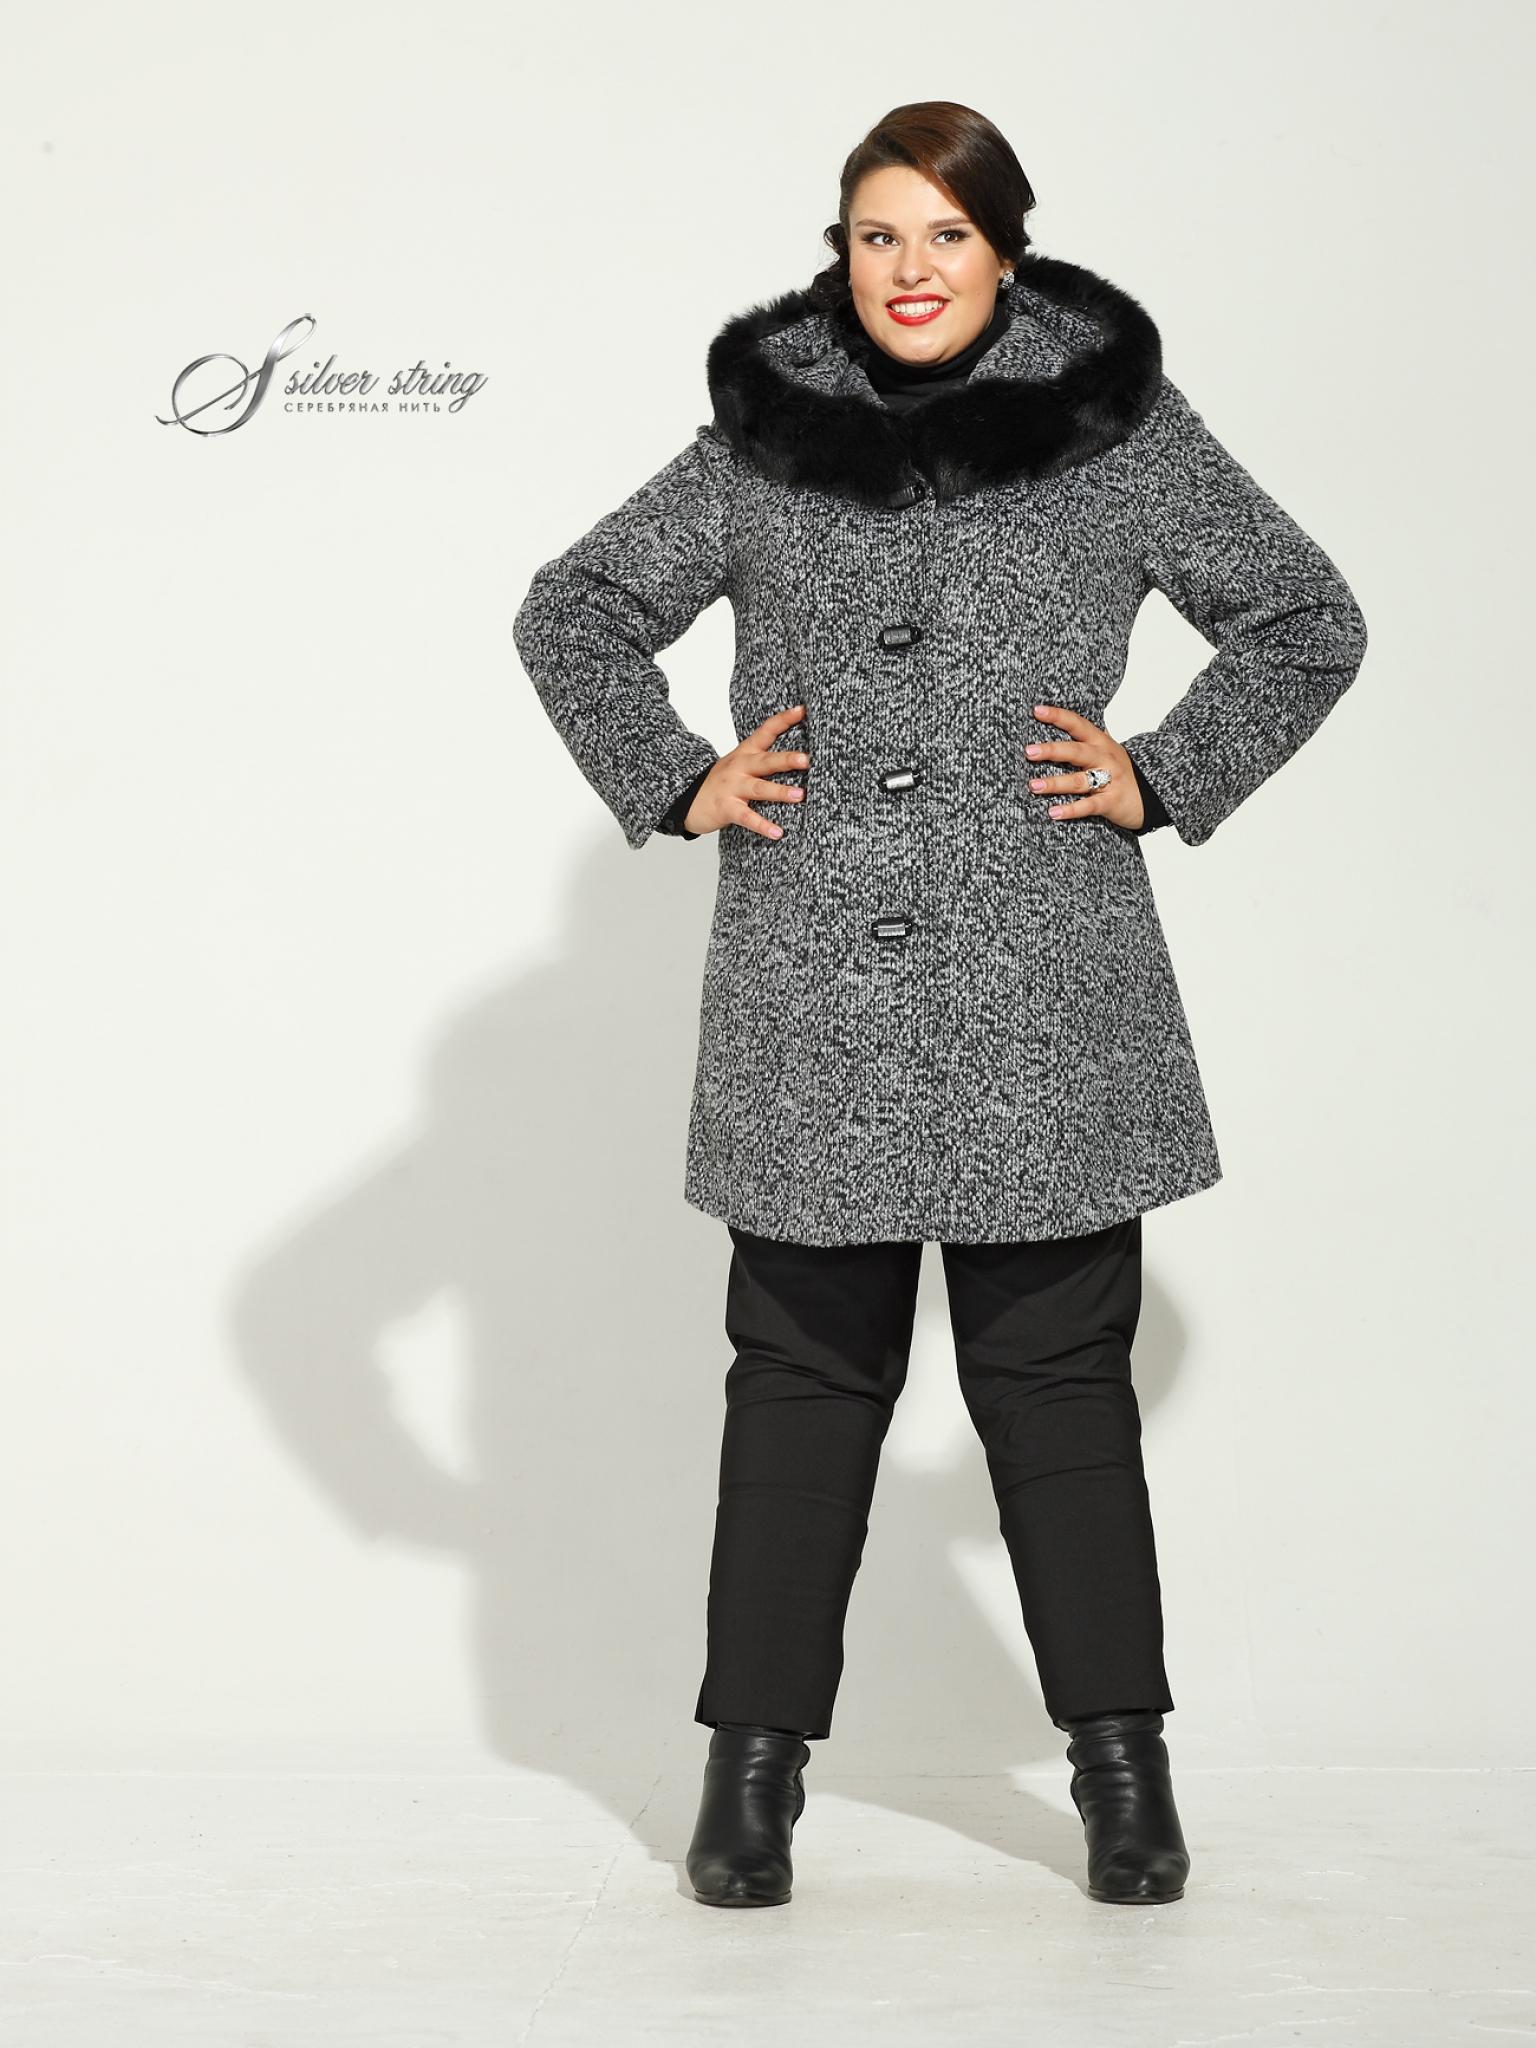 Распродажа! Известная марка одежды больших размеров. Пальто, куртки, костюмы, платья, трикотаж. Размеры 52-72. Реальное наличие. Огромный плюс (подробнее в теме)!